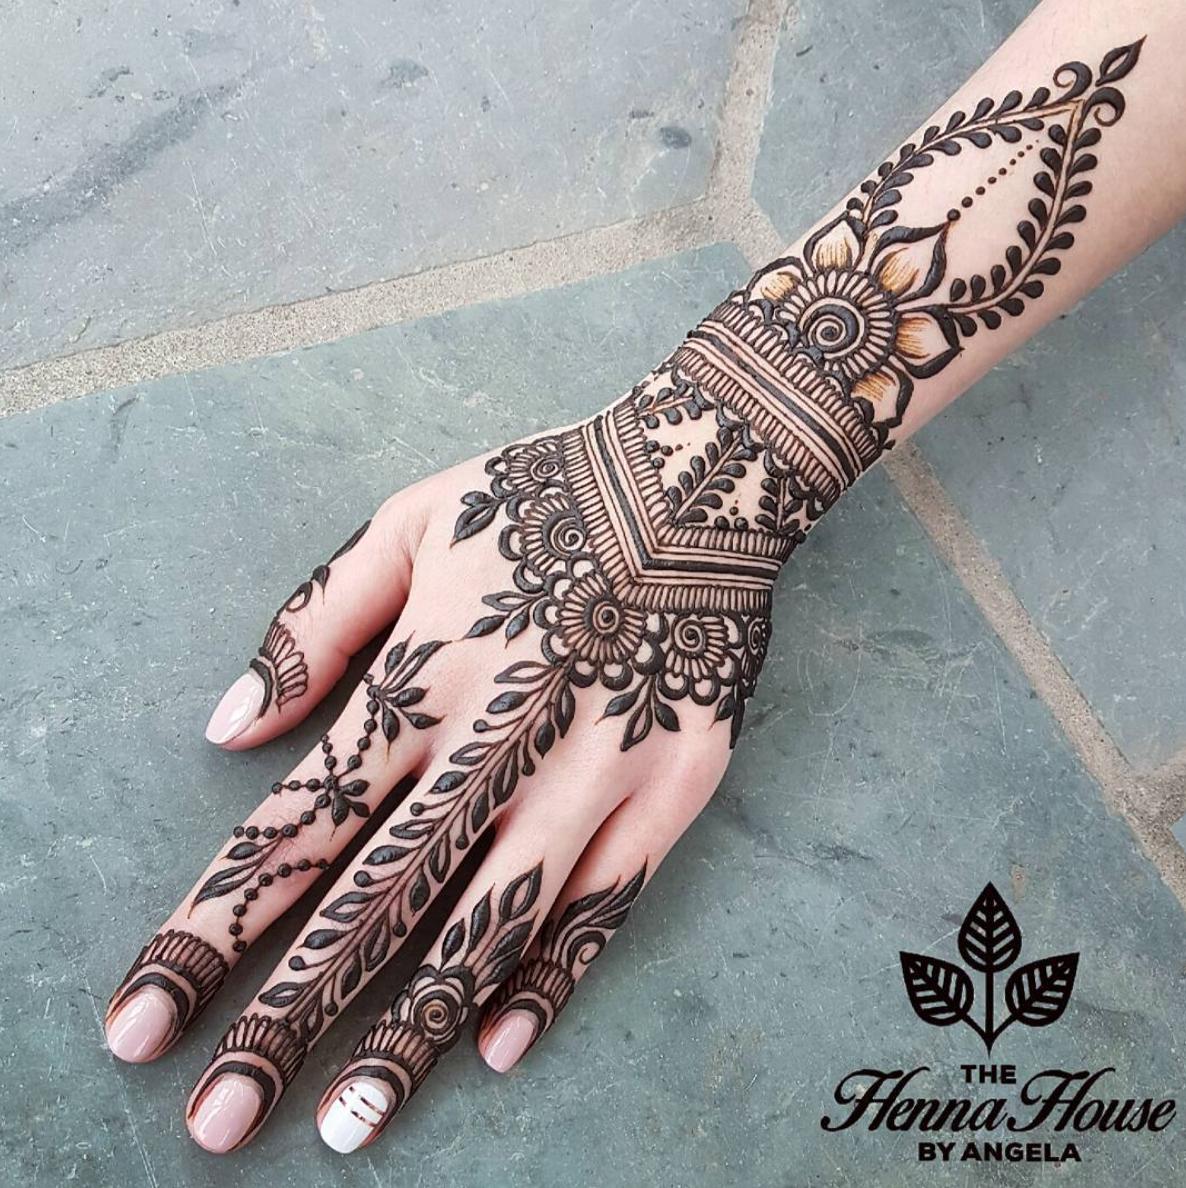 Whitehenna In 2020 Henna Tatowierung Designs Henna Tattoo Designs Henna Tattoo Vorlagen